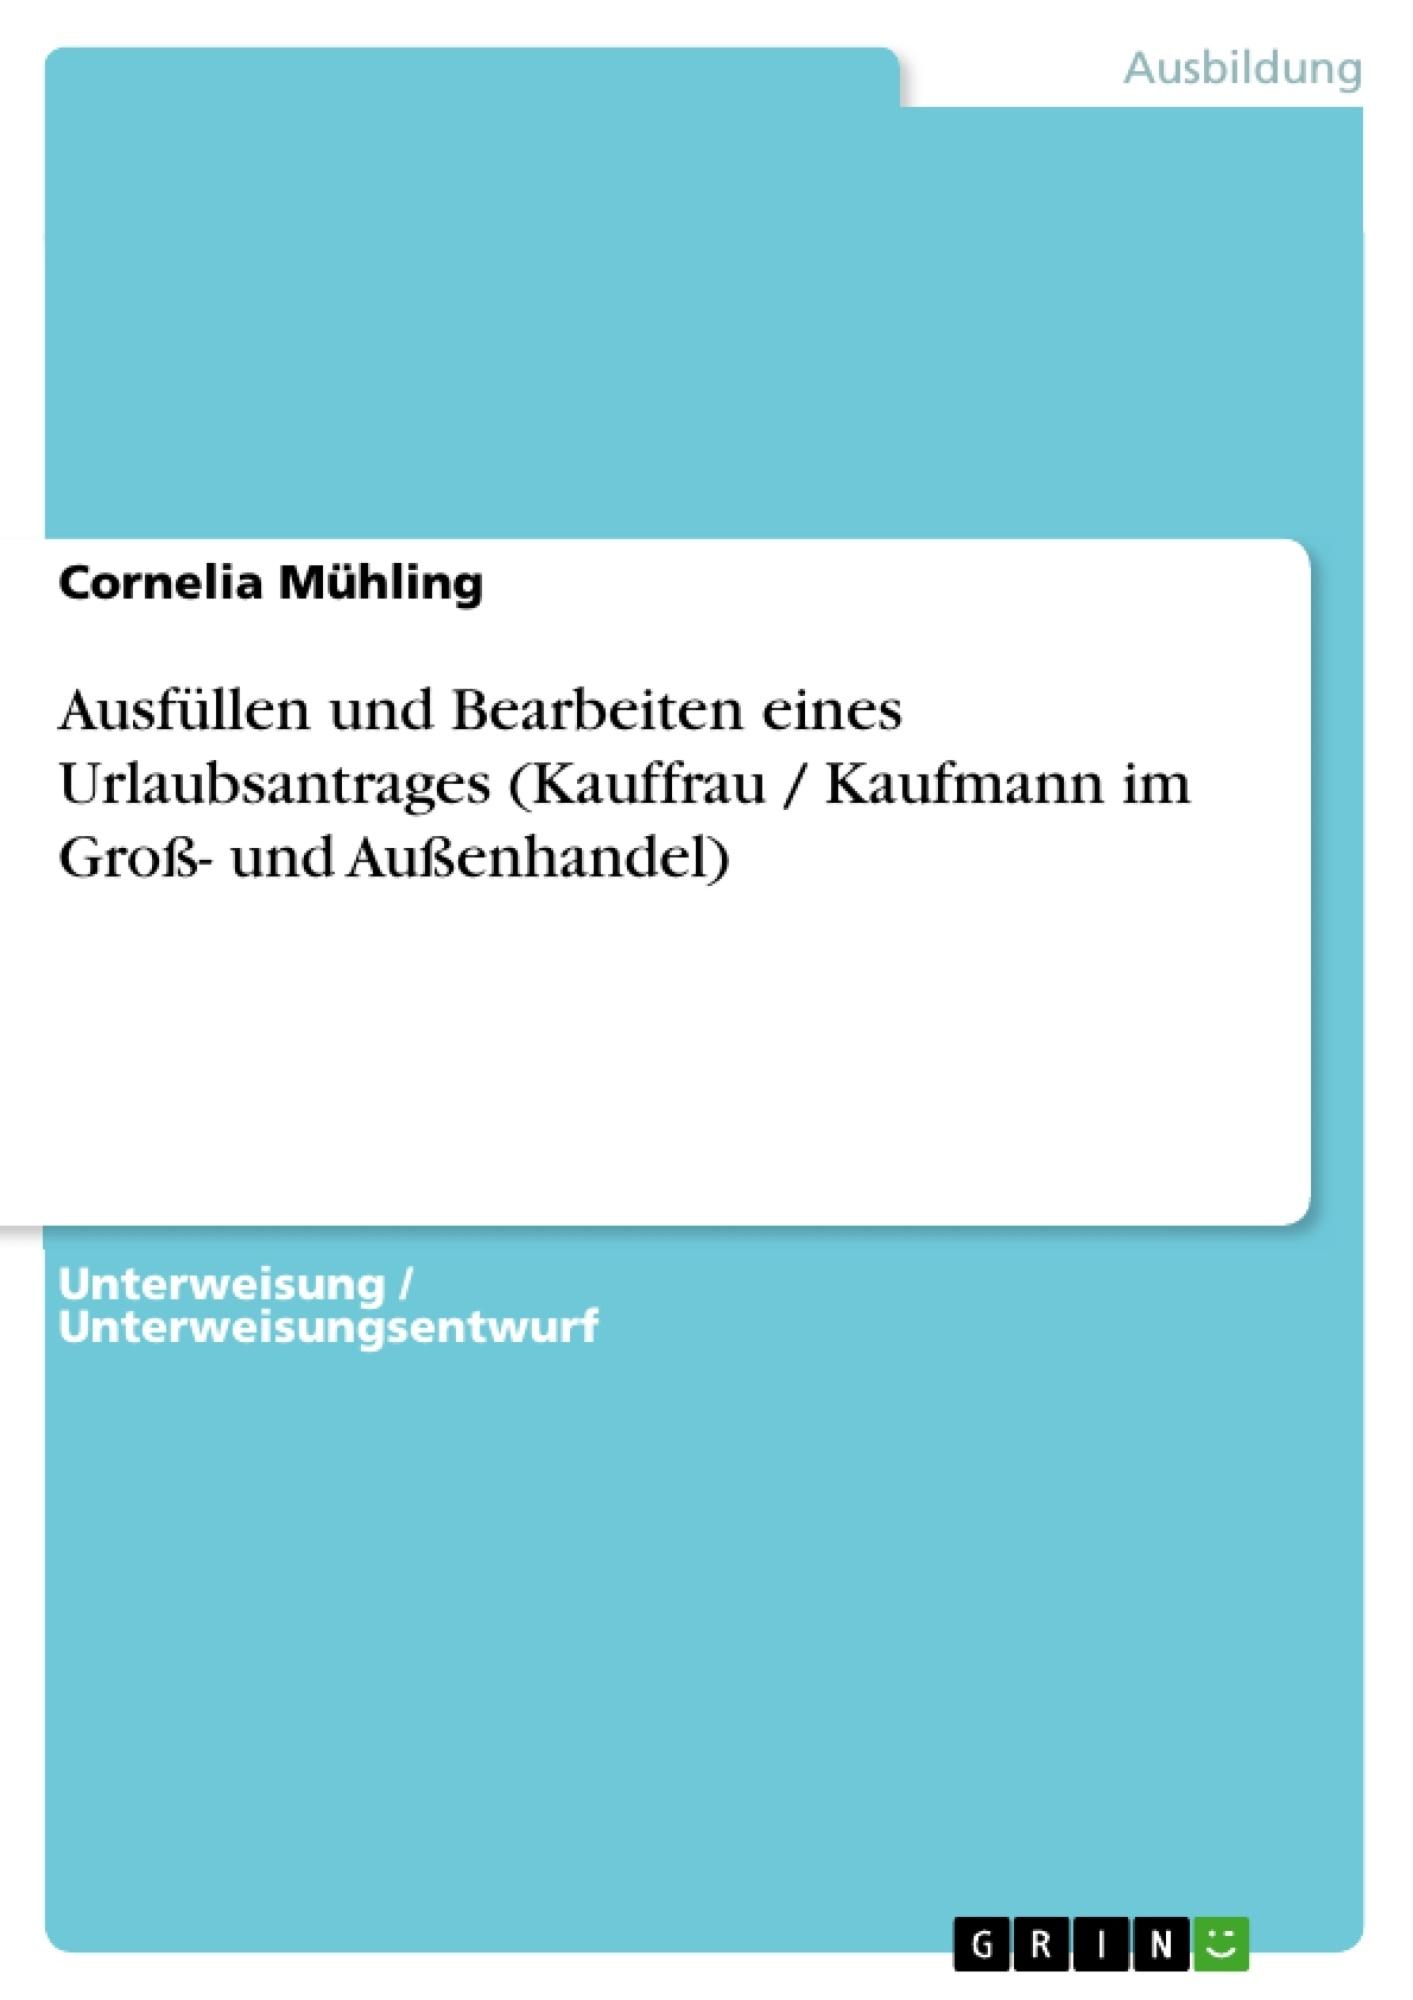 Titel: Ausfüllen und Bearbeiten eines Urlaubsantrages (Kauffrau / Kaufmann im Groß- und Außenhandel)